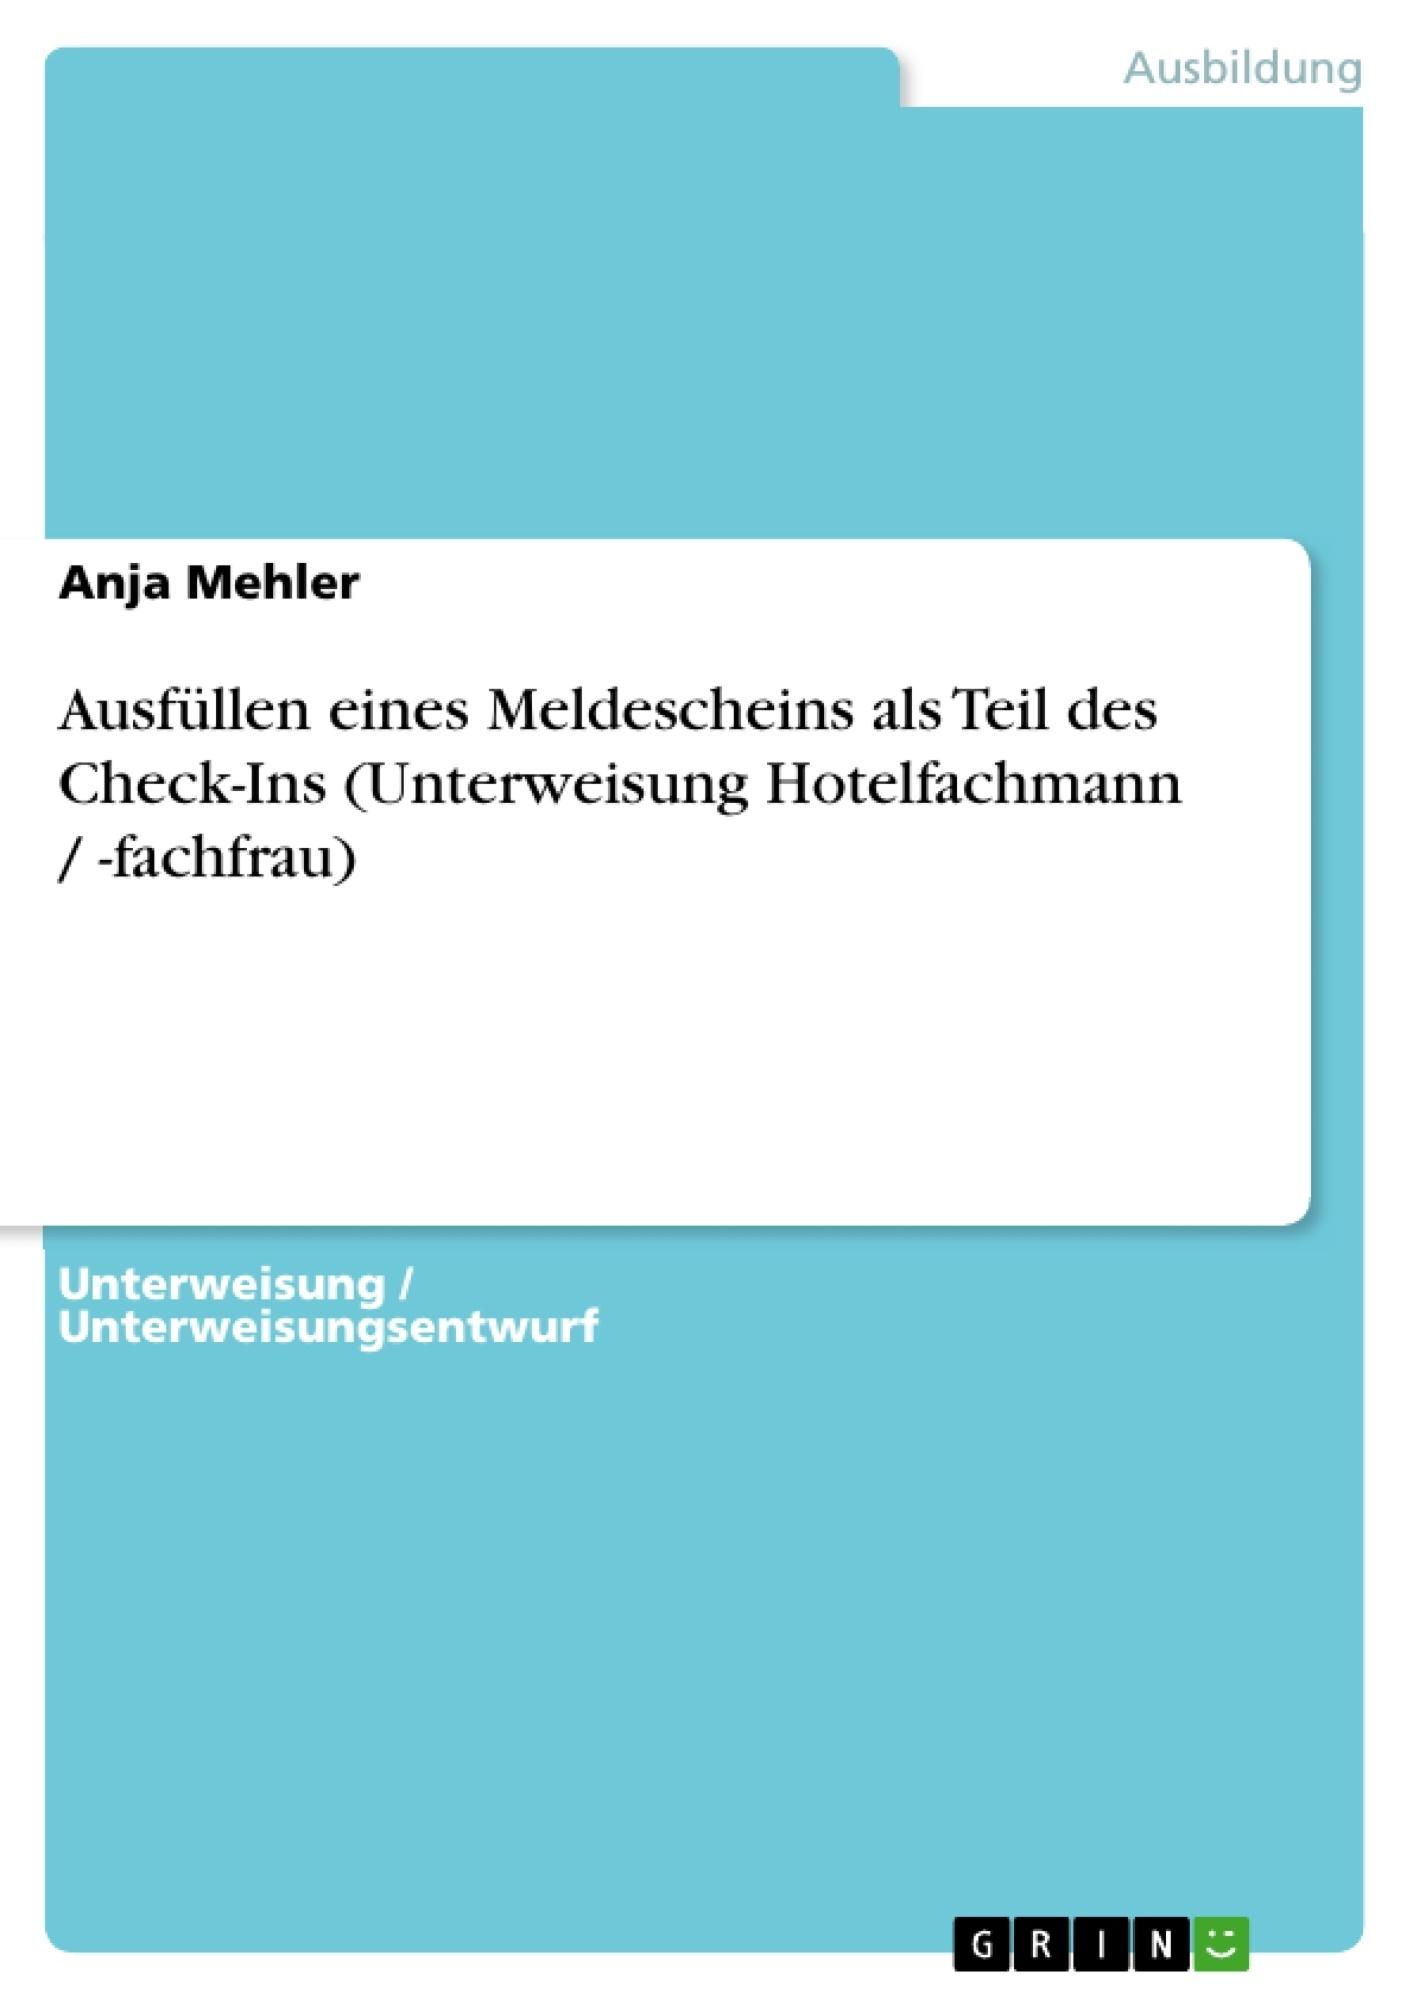 Titel: Ausfüllen eines Meldescheins als Teil des Check-Ins (Unterweisung Hotelfachmann / -fachfrau)